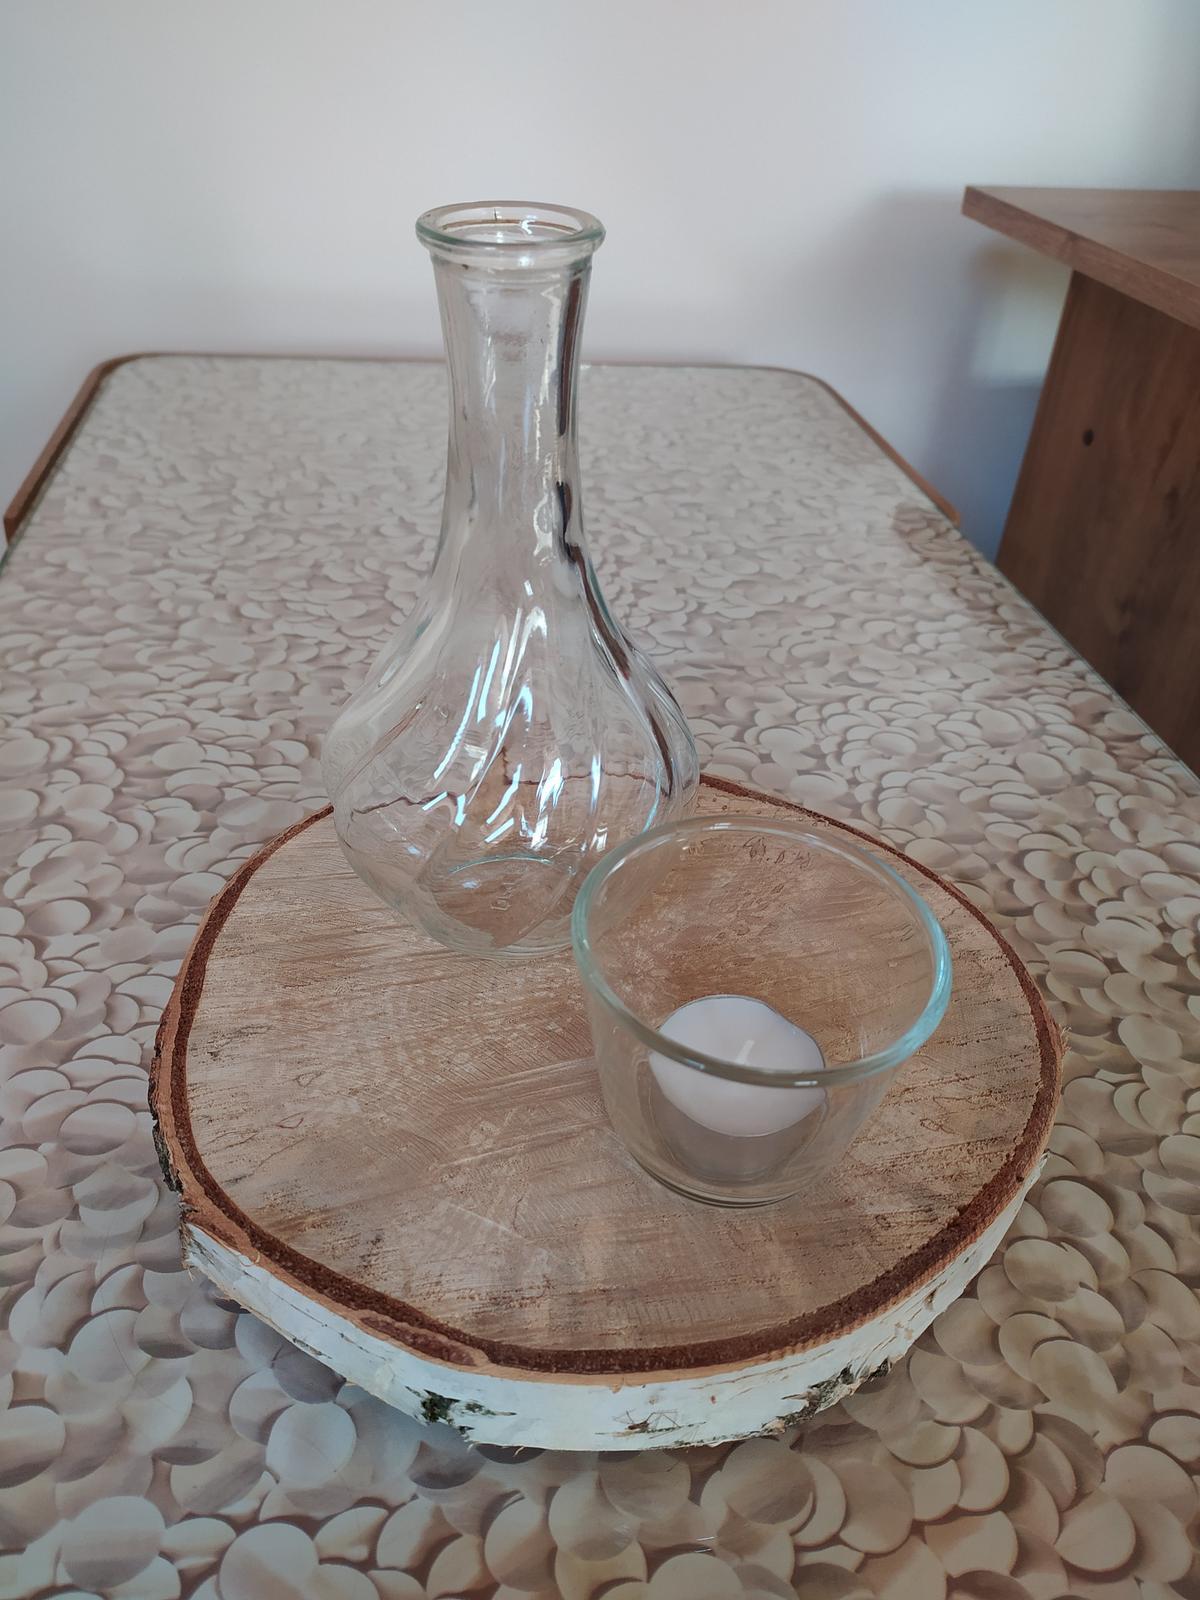 Váza, svícen, dřevěné kolečko - Obrázek č. 1